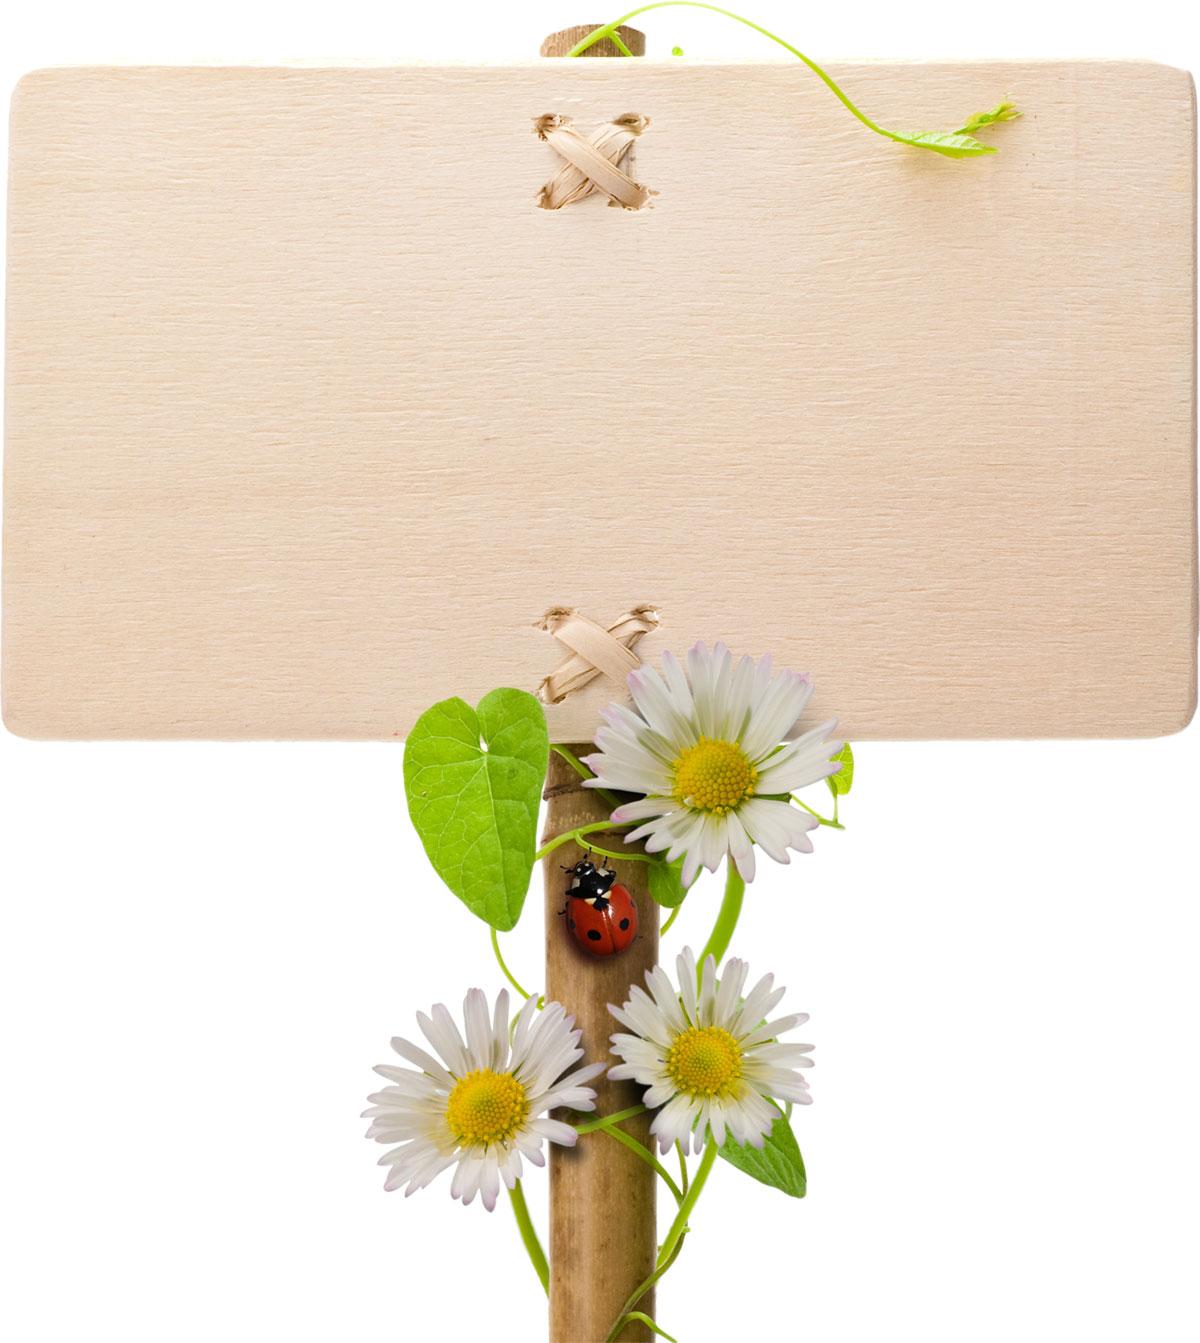 花のイラストフリー素材フレーム枠no382白黄立て札てんとう虫